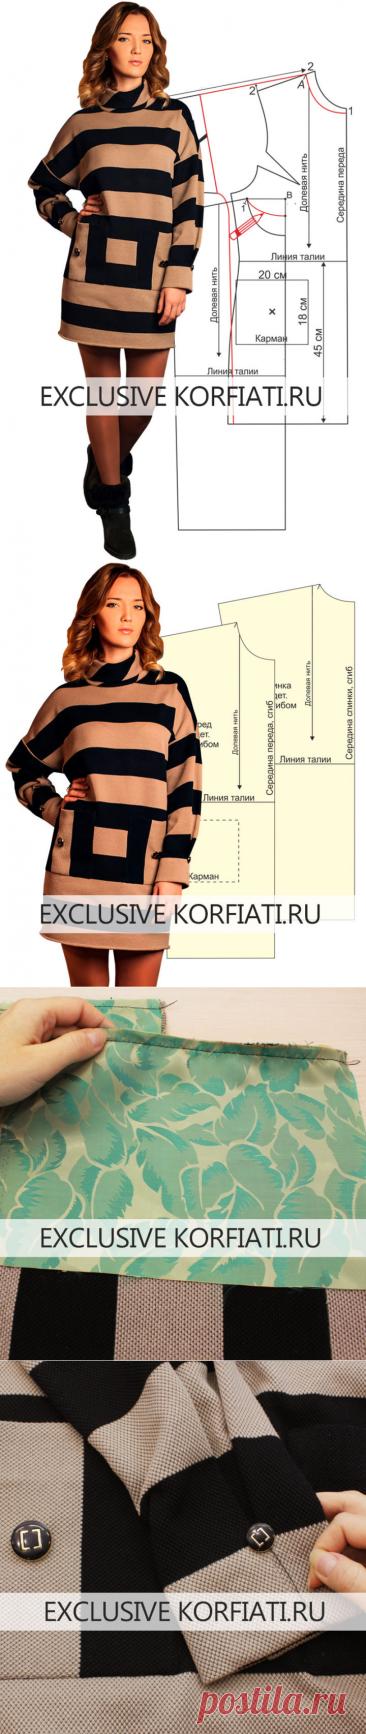 Выкройка теплого платья из трикотажа от Анастасии Корфиати